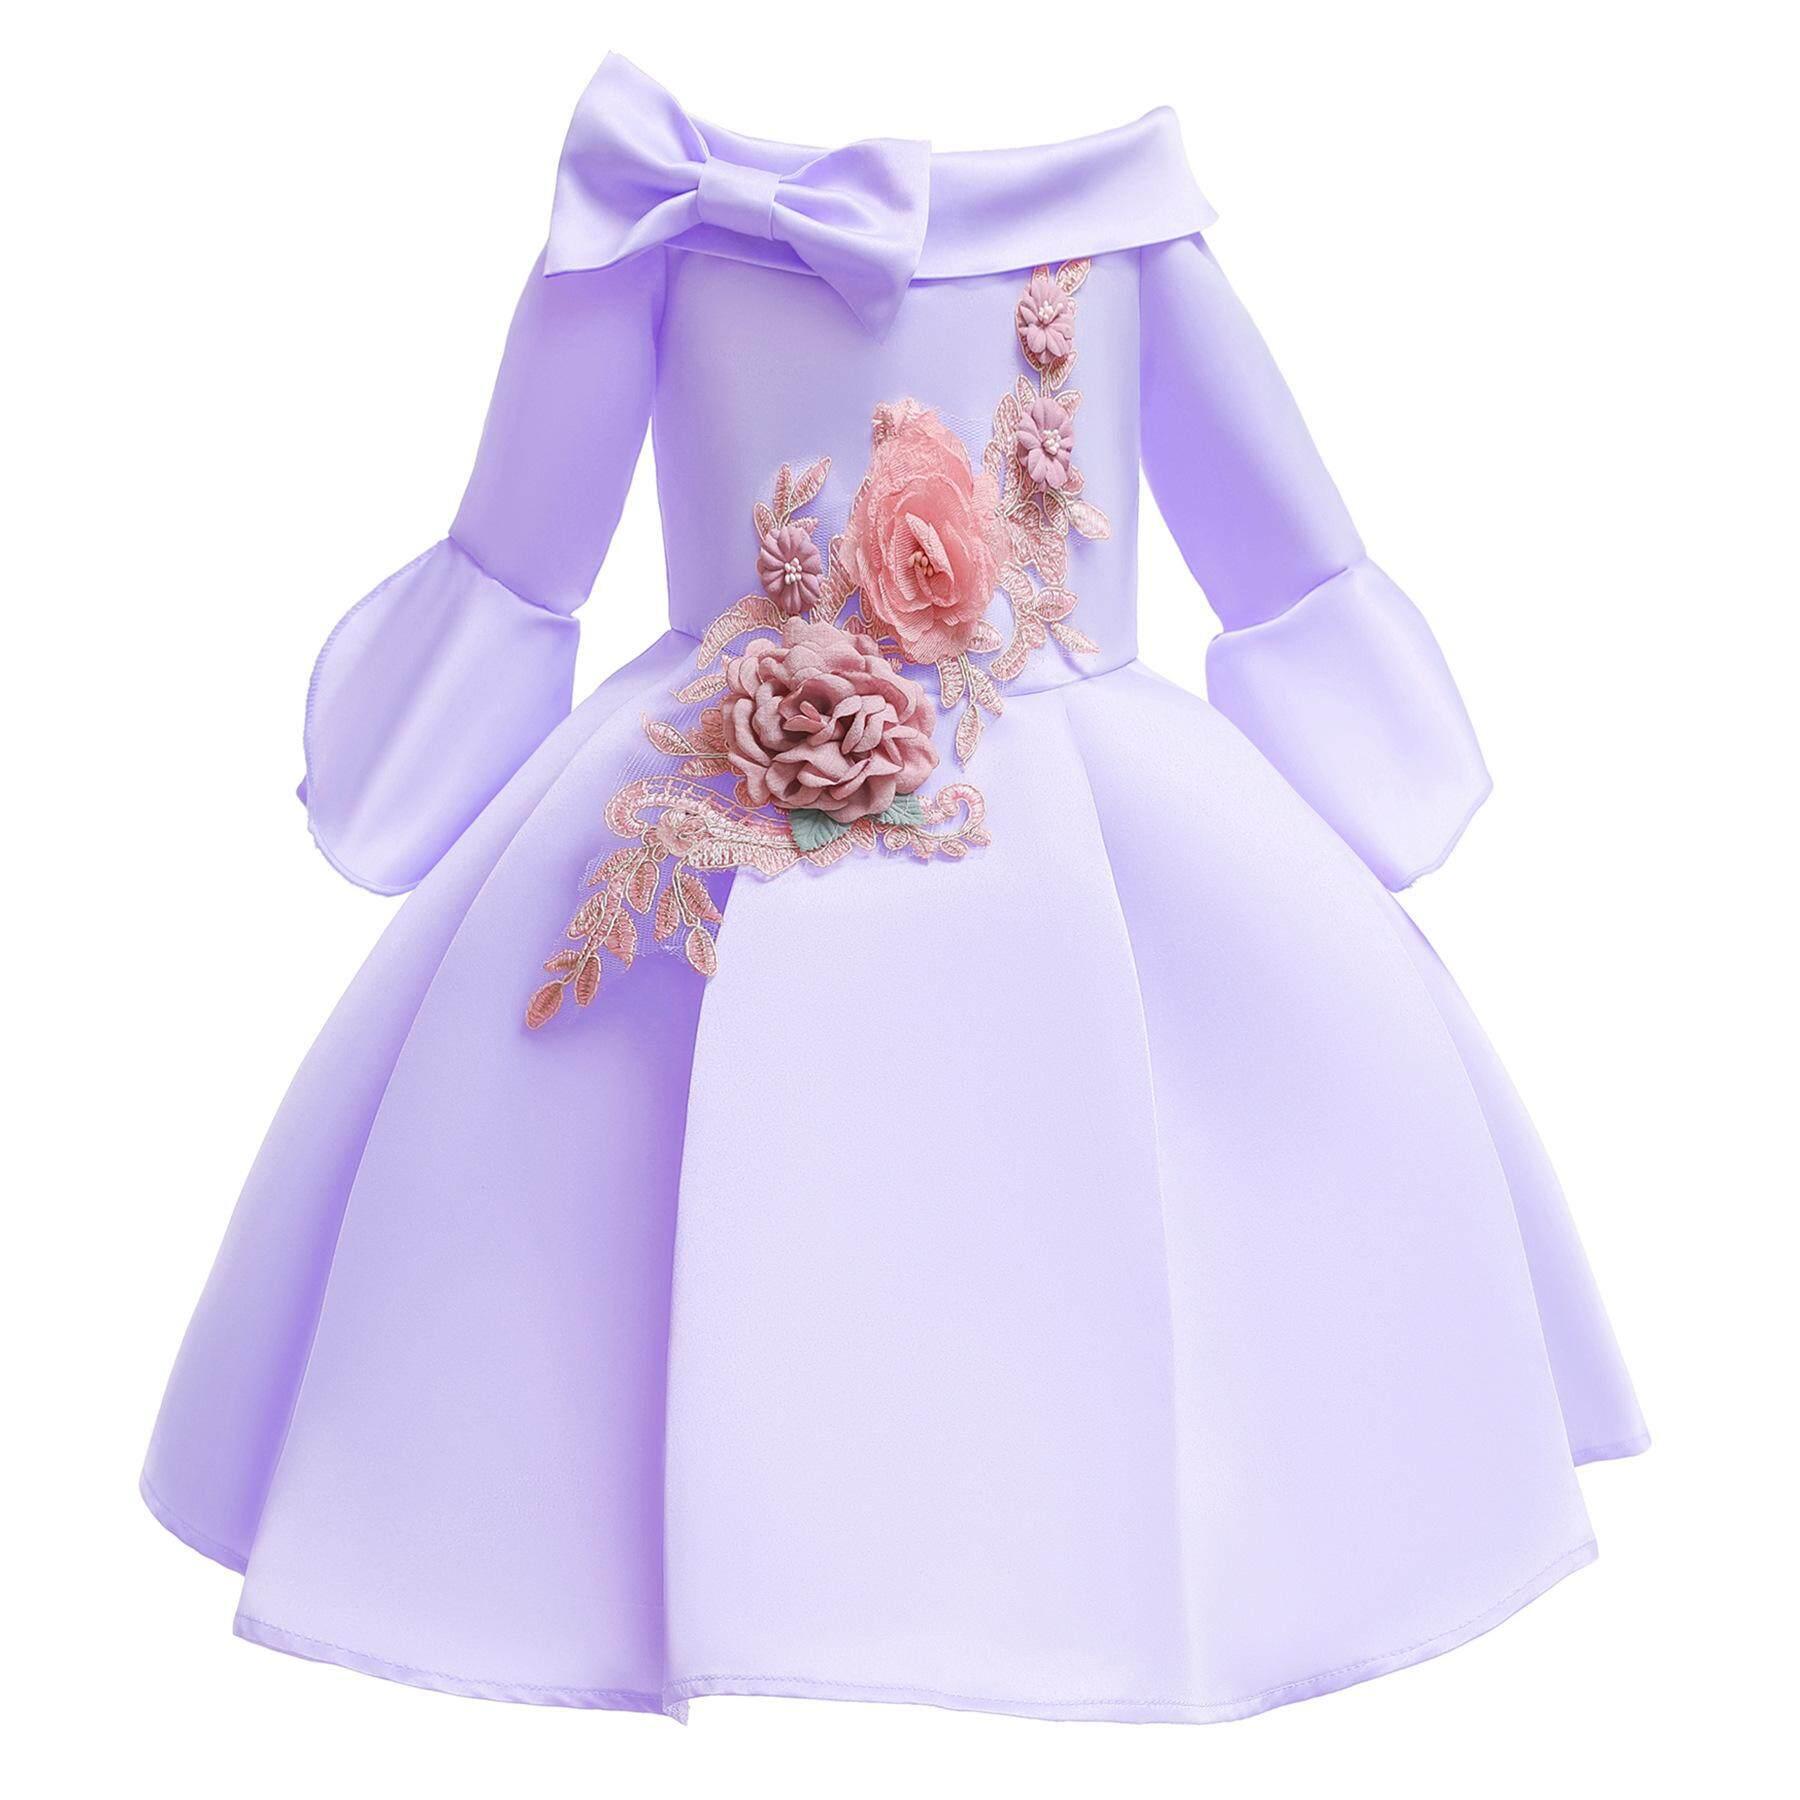 Giá bán Trẻ em Bé Gái Dự Tiệc trang trọng Phối Lưới Thời Trang tay Dài Thắt Nơ Áo thêu Đầm Công Chúa các bạn nữ Tuổi Teen quần áo